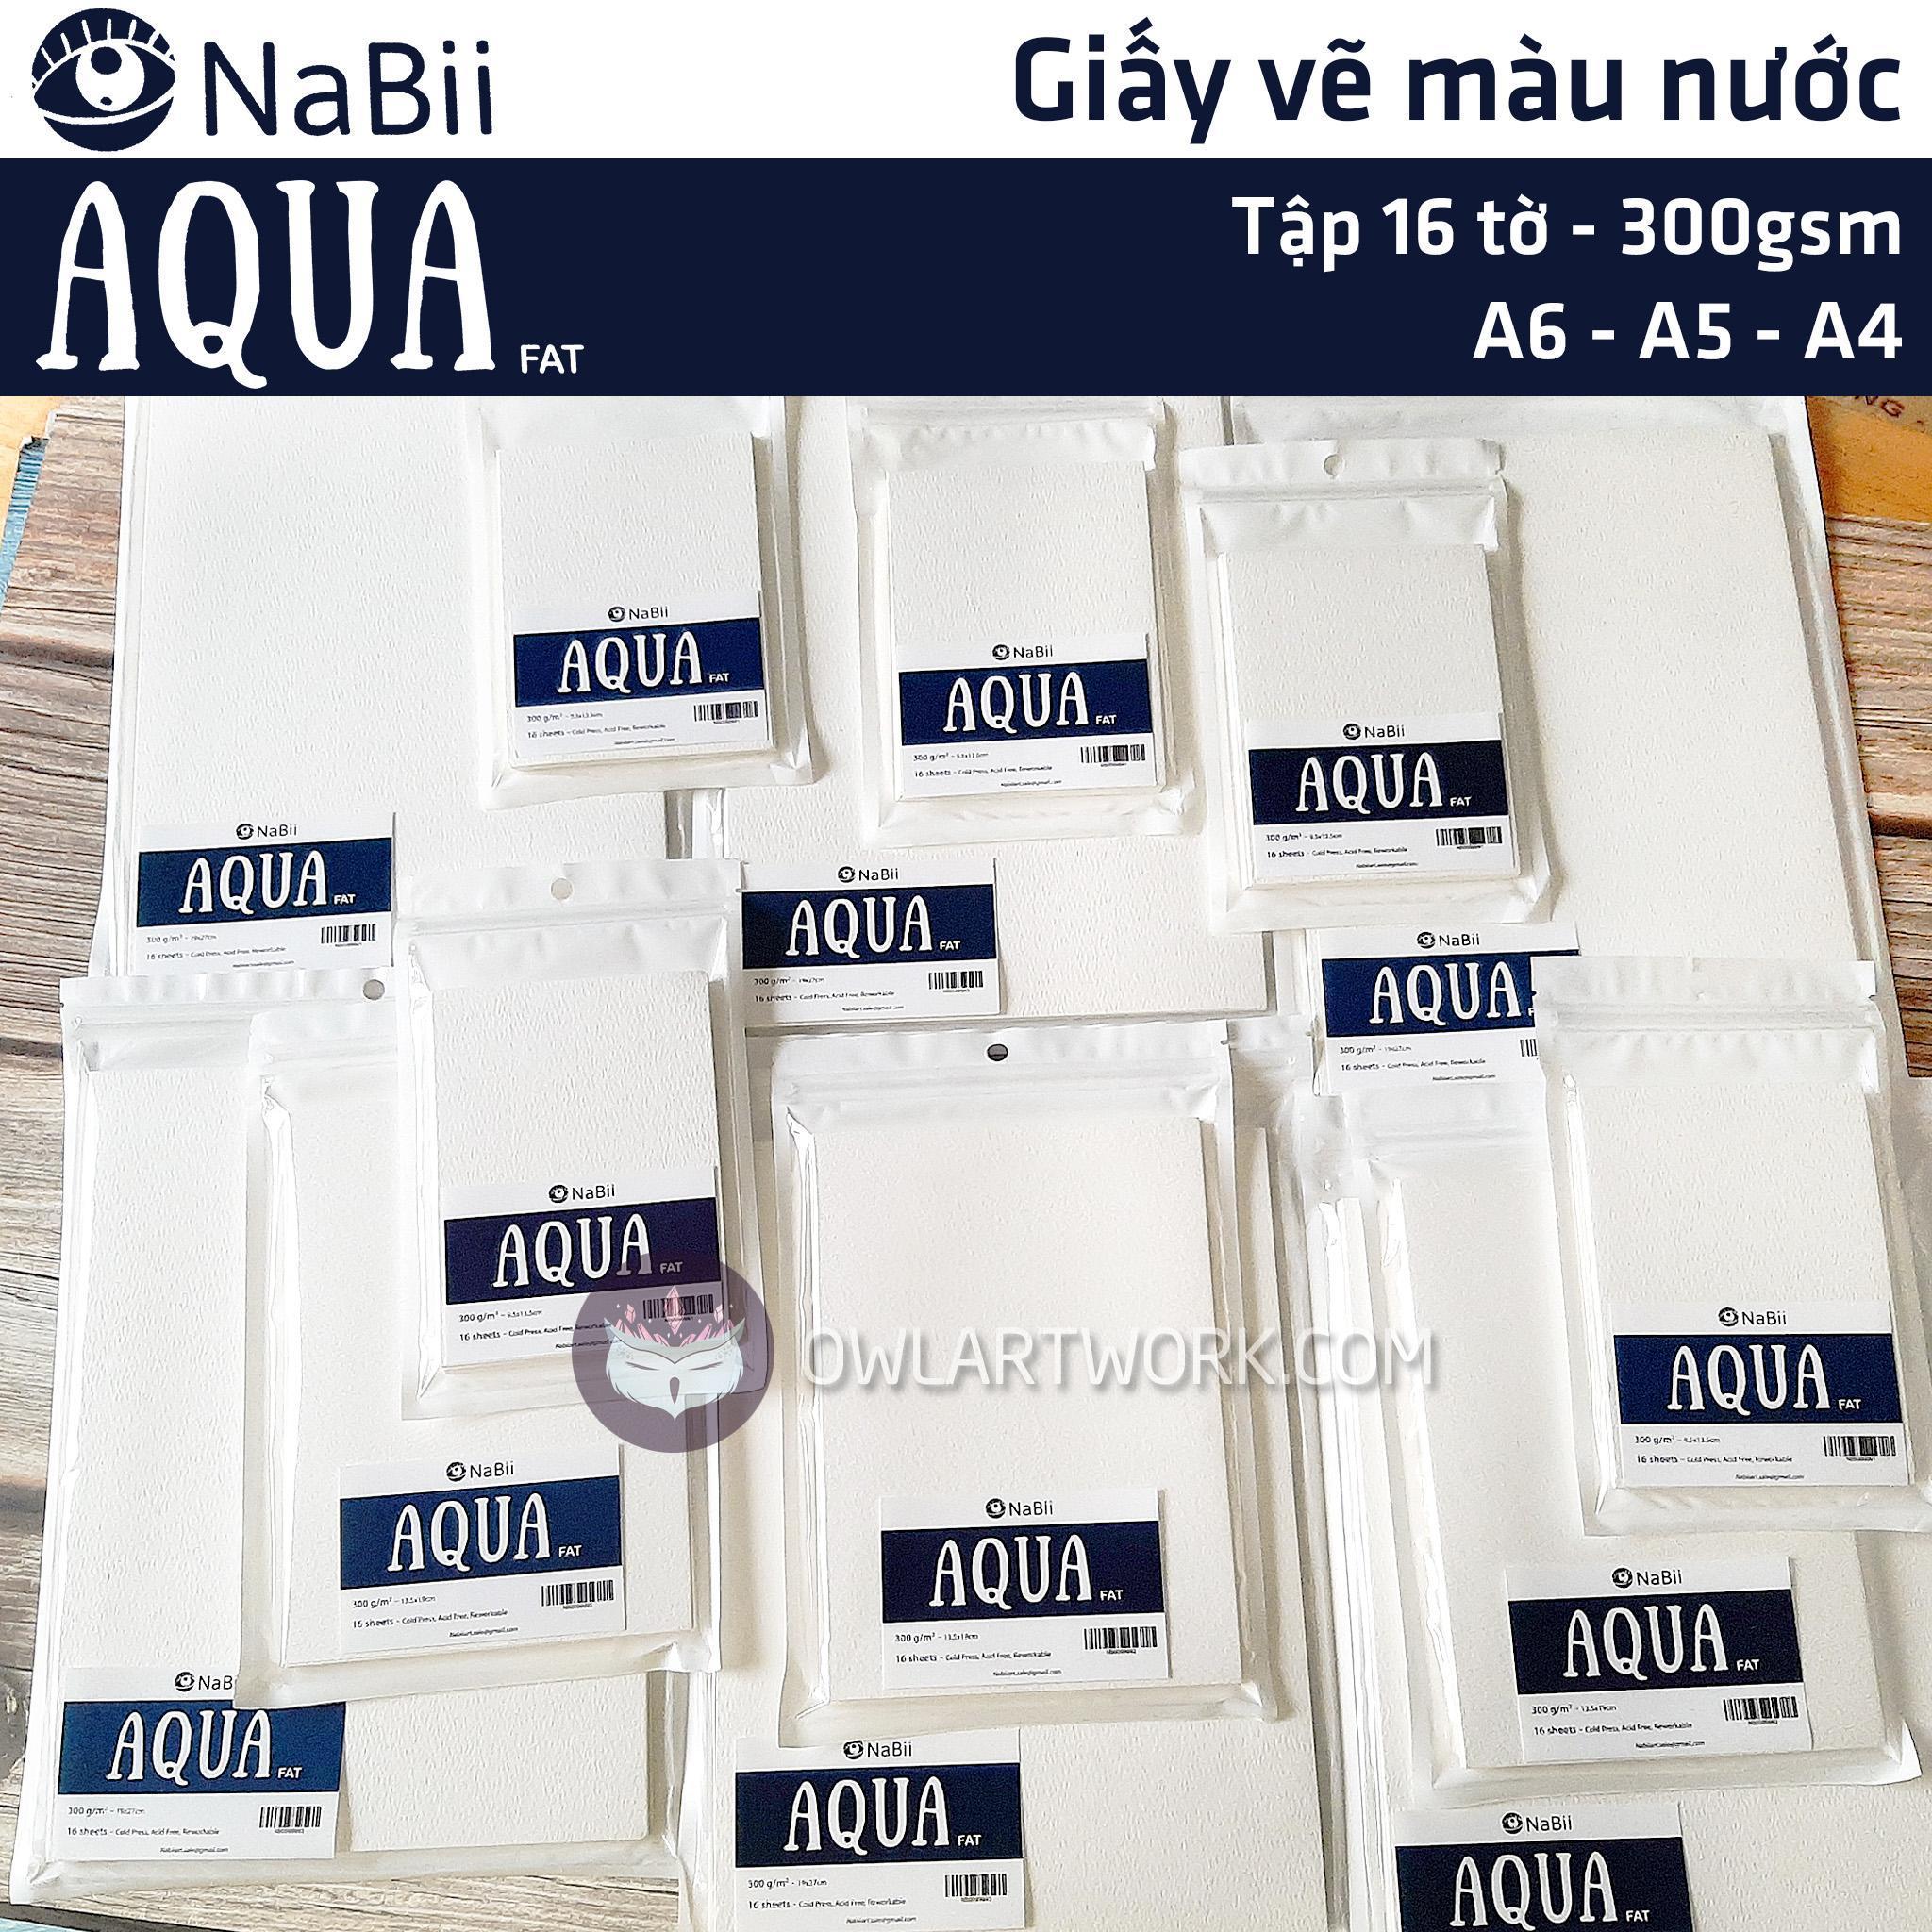 Mua Giấy Nabii Aqua Fat vẽ màu nước 300gsm 16 tờ - Tập lẻ